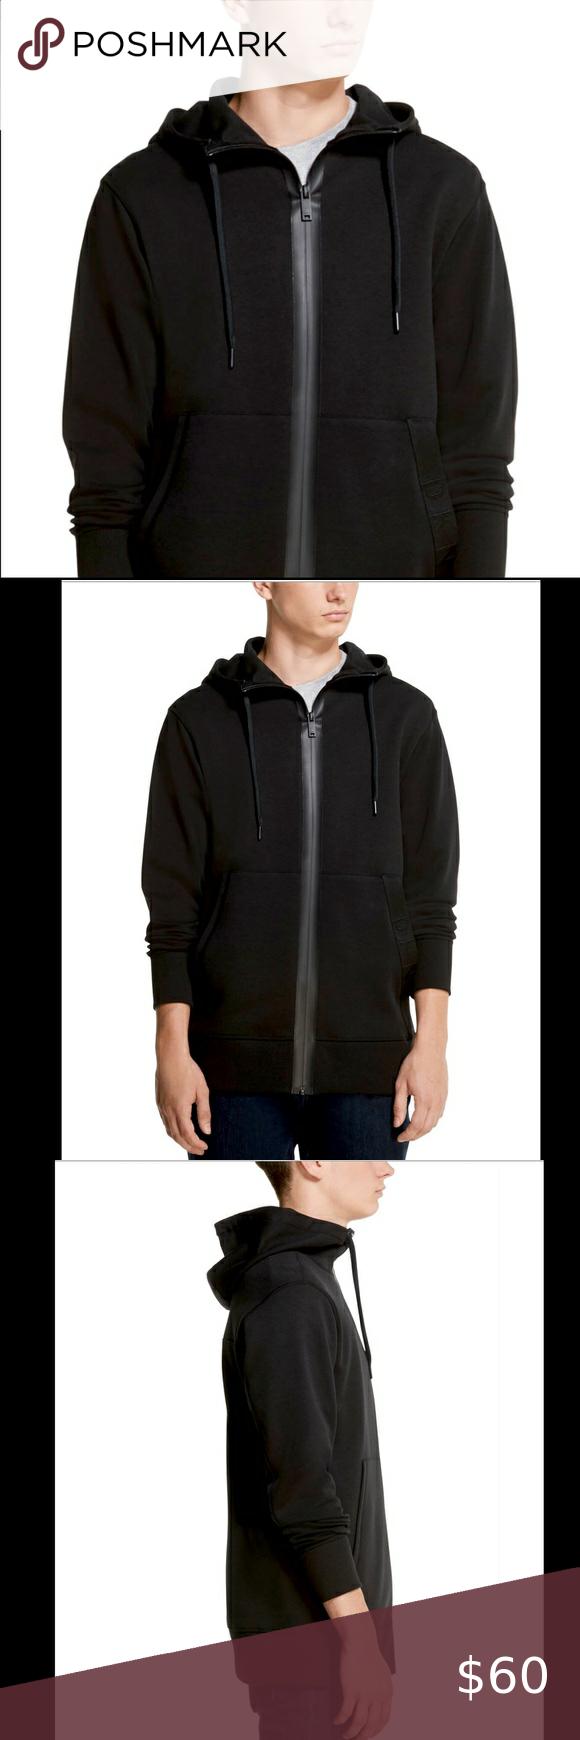 Realistic Men Hoodie Or Black 3d Hoody Sweatshirt With Blank Black Hoodie Template Cumed Org Baju Kaos Pakaian Kaos